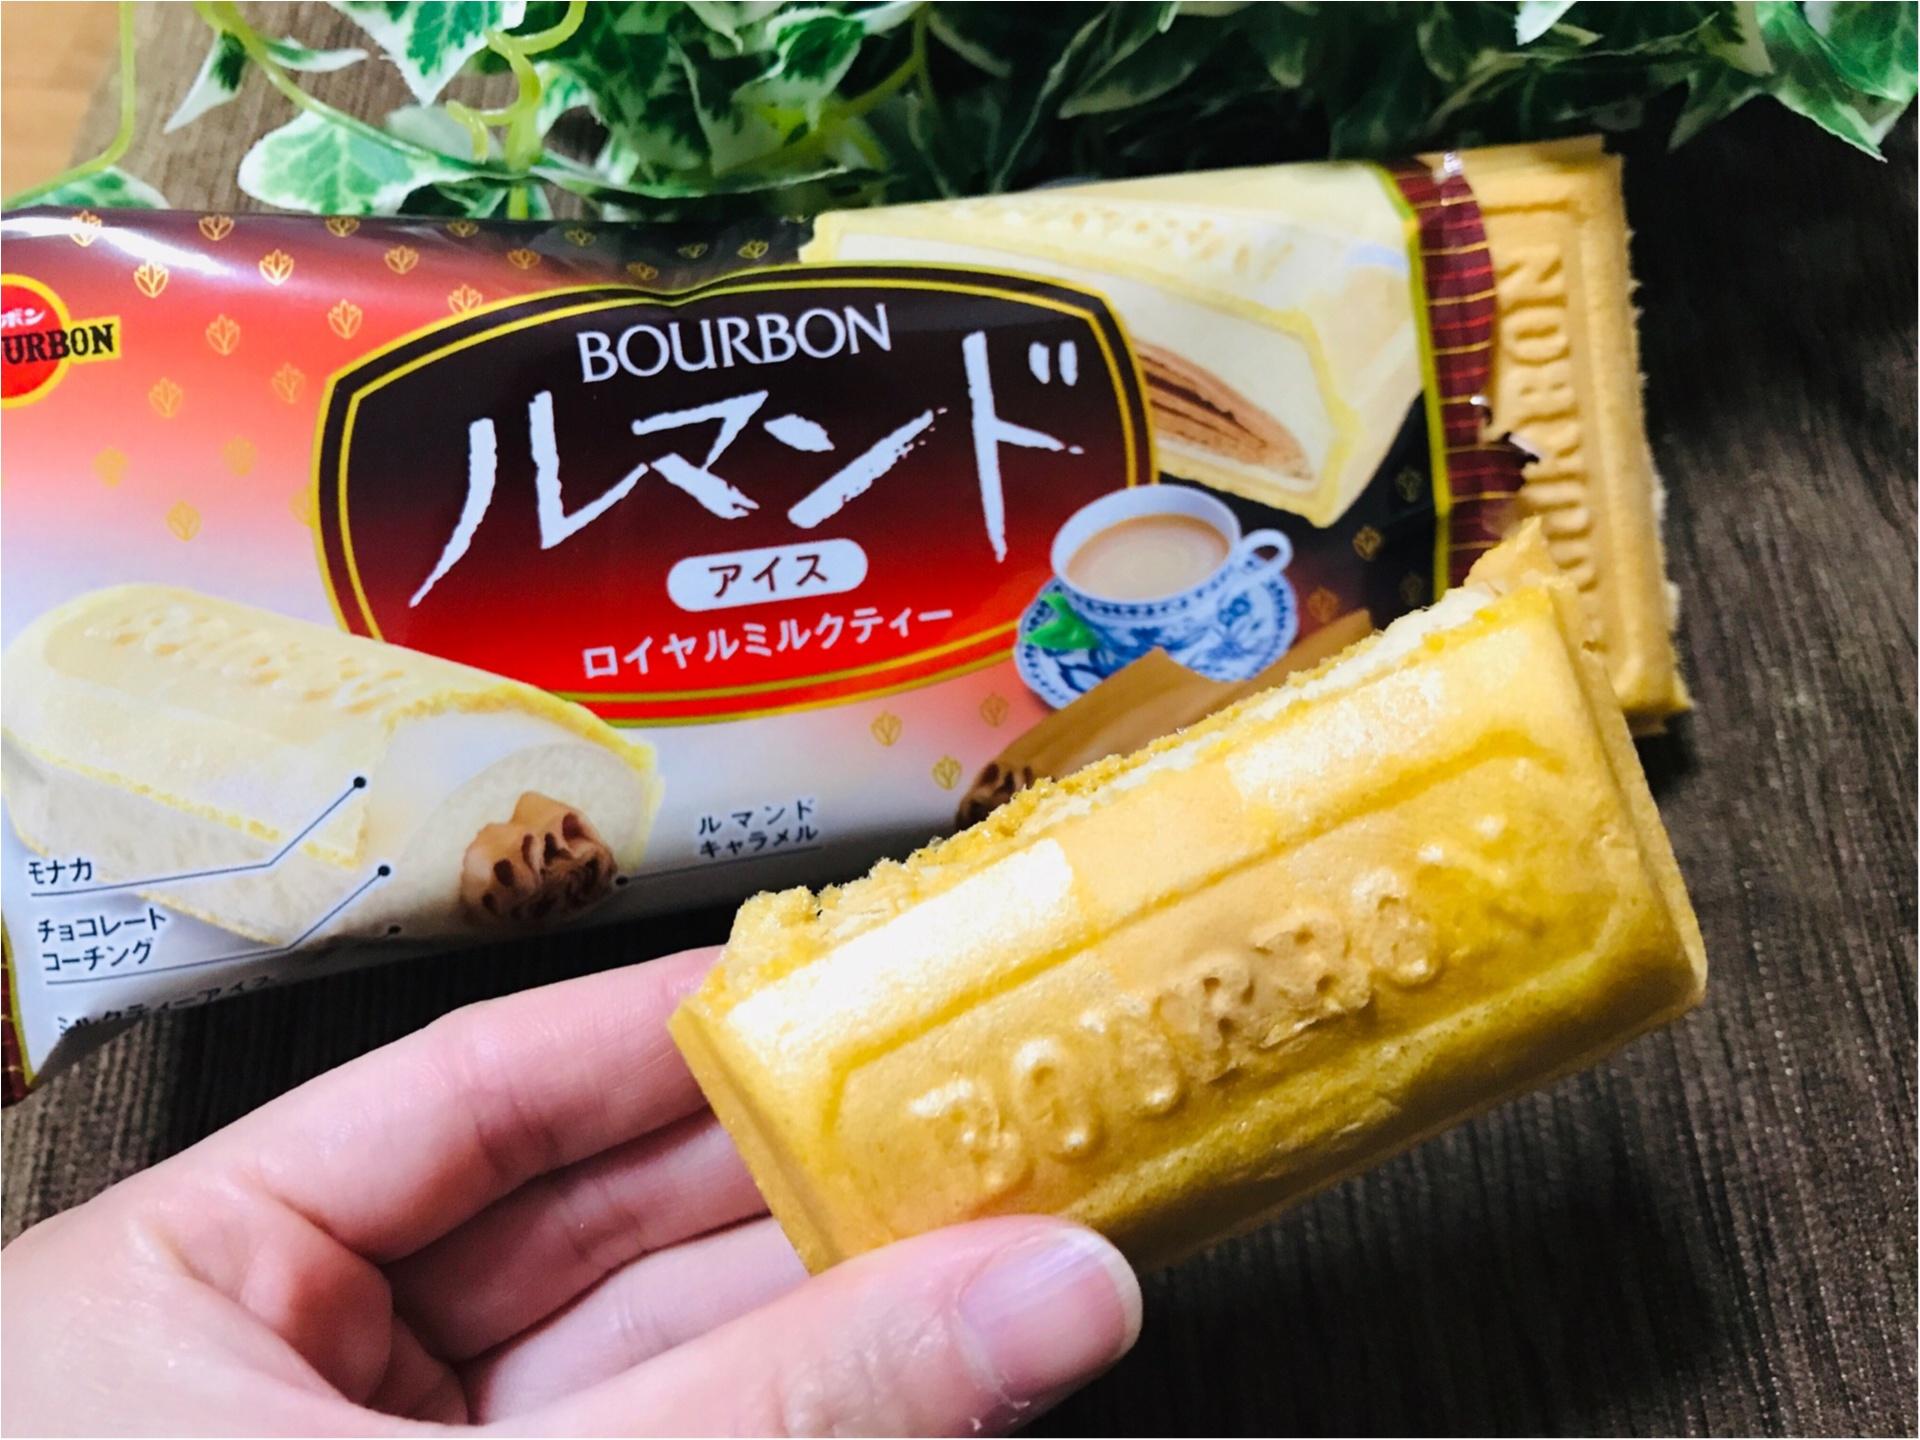 【ルマンドアイス】ついに関東に上陸!《ロイヤルミルクティ味》が前作超えの美味しさ❤︎_4